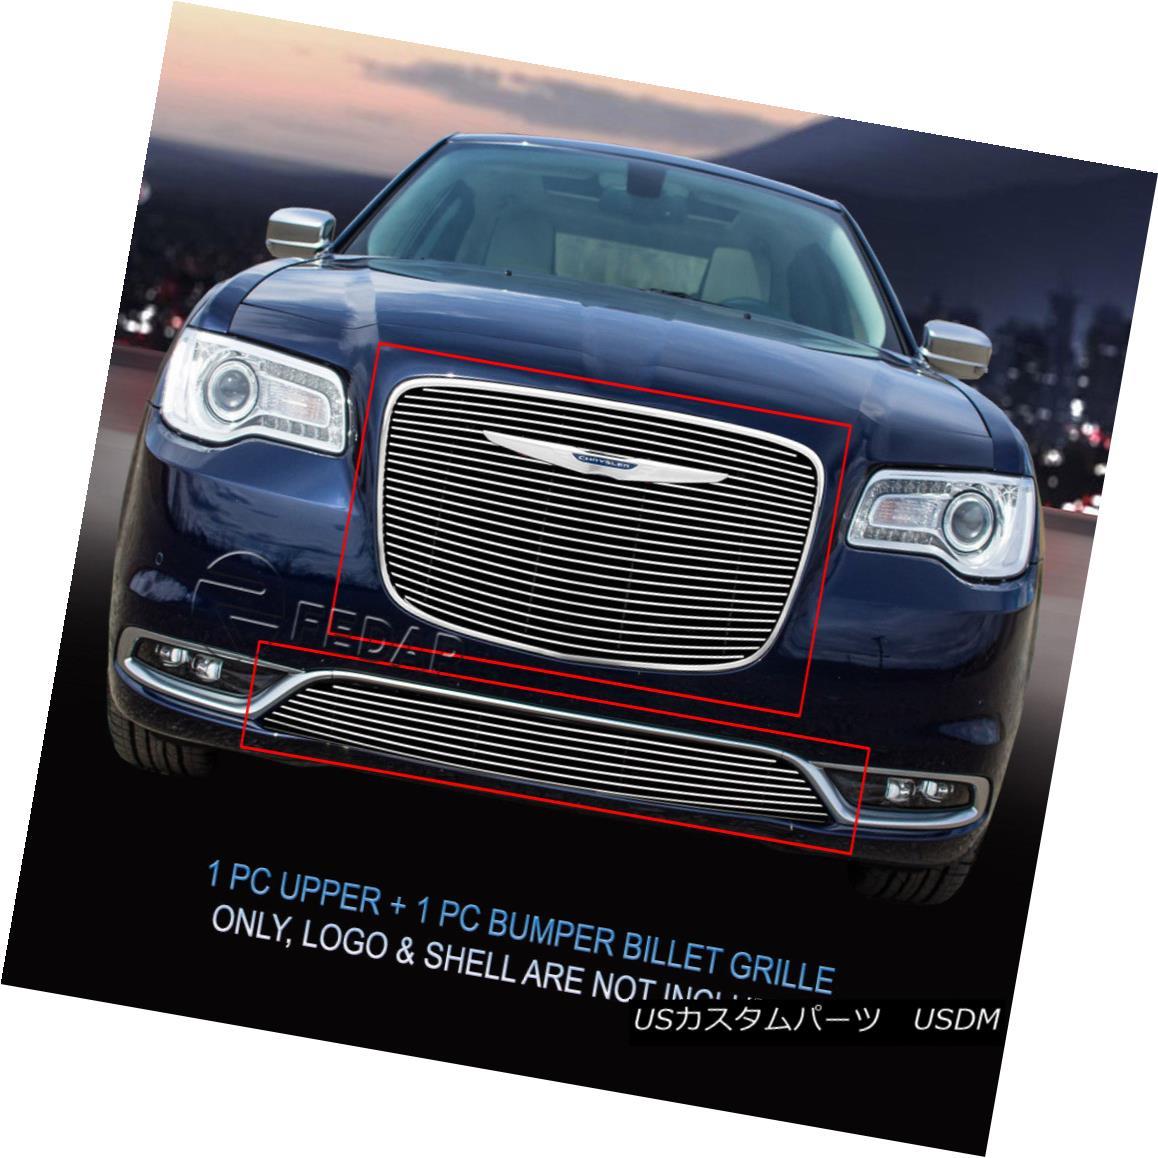 グリル Fedar Fits 2015-2016 Chrysler 300 Polished Billet Grille Combo Insert Fedarフィット2015-2016クライスラー300ポリッシュビレットグリルコンボインサート